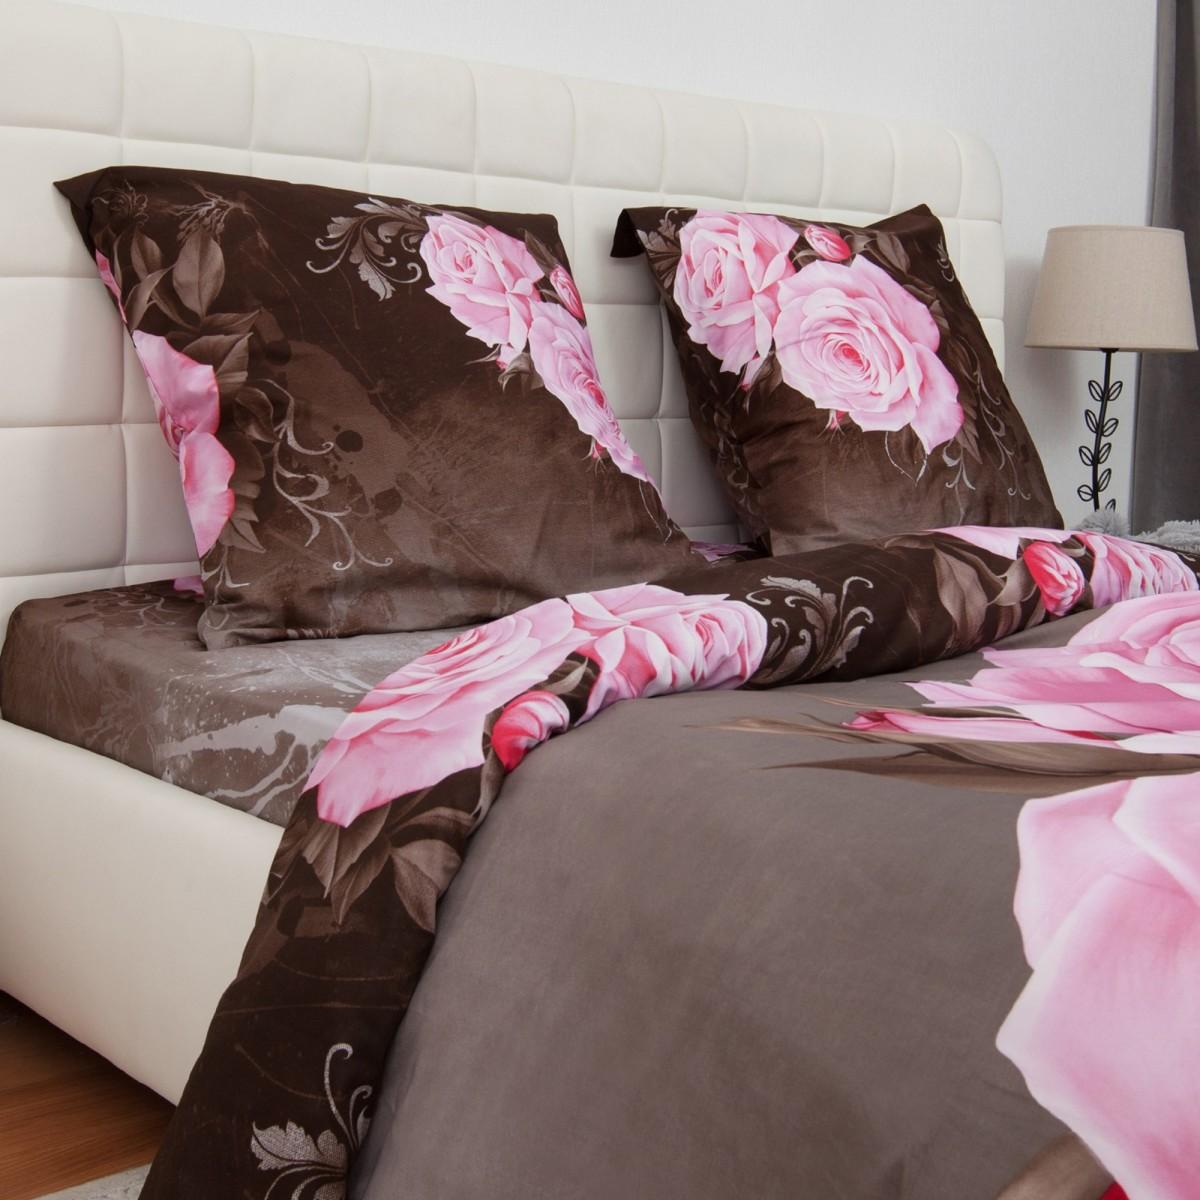 Комплект Постельного Белья Роза Полутораспальный Сатин 50x70